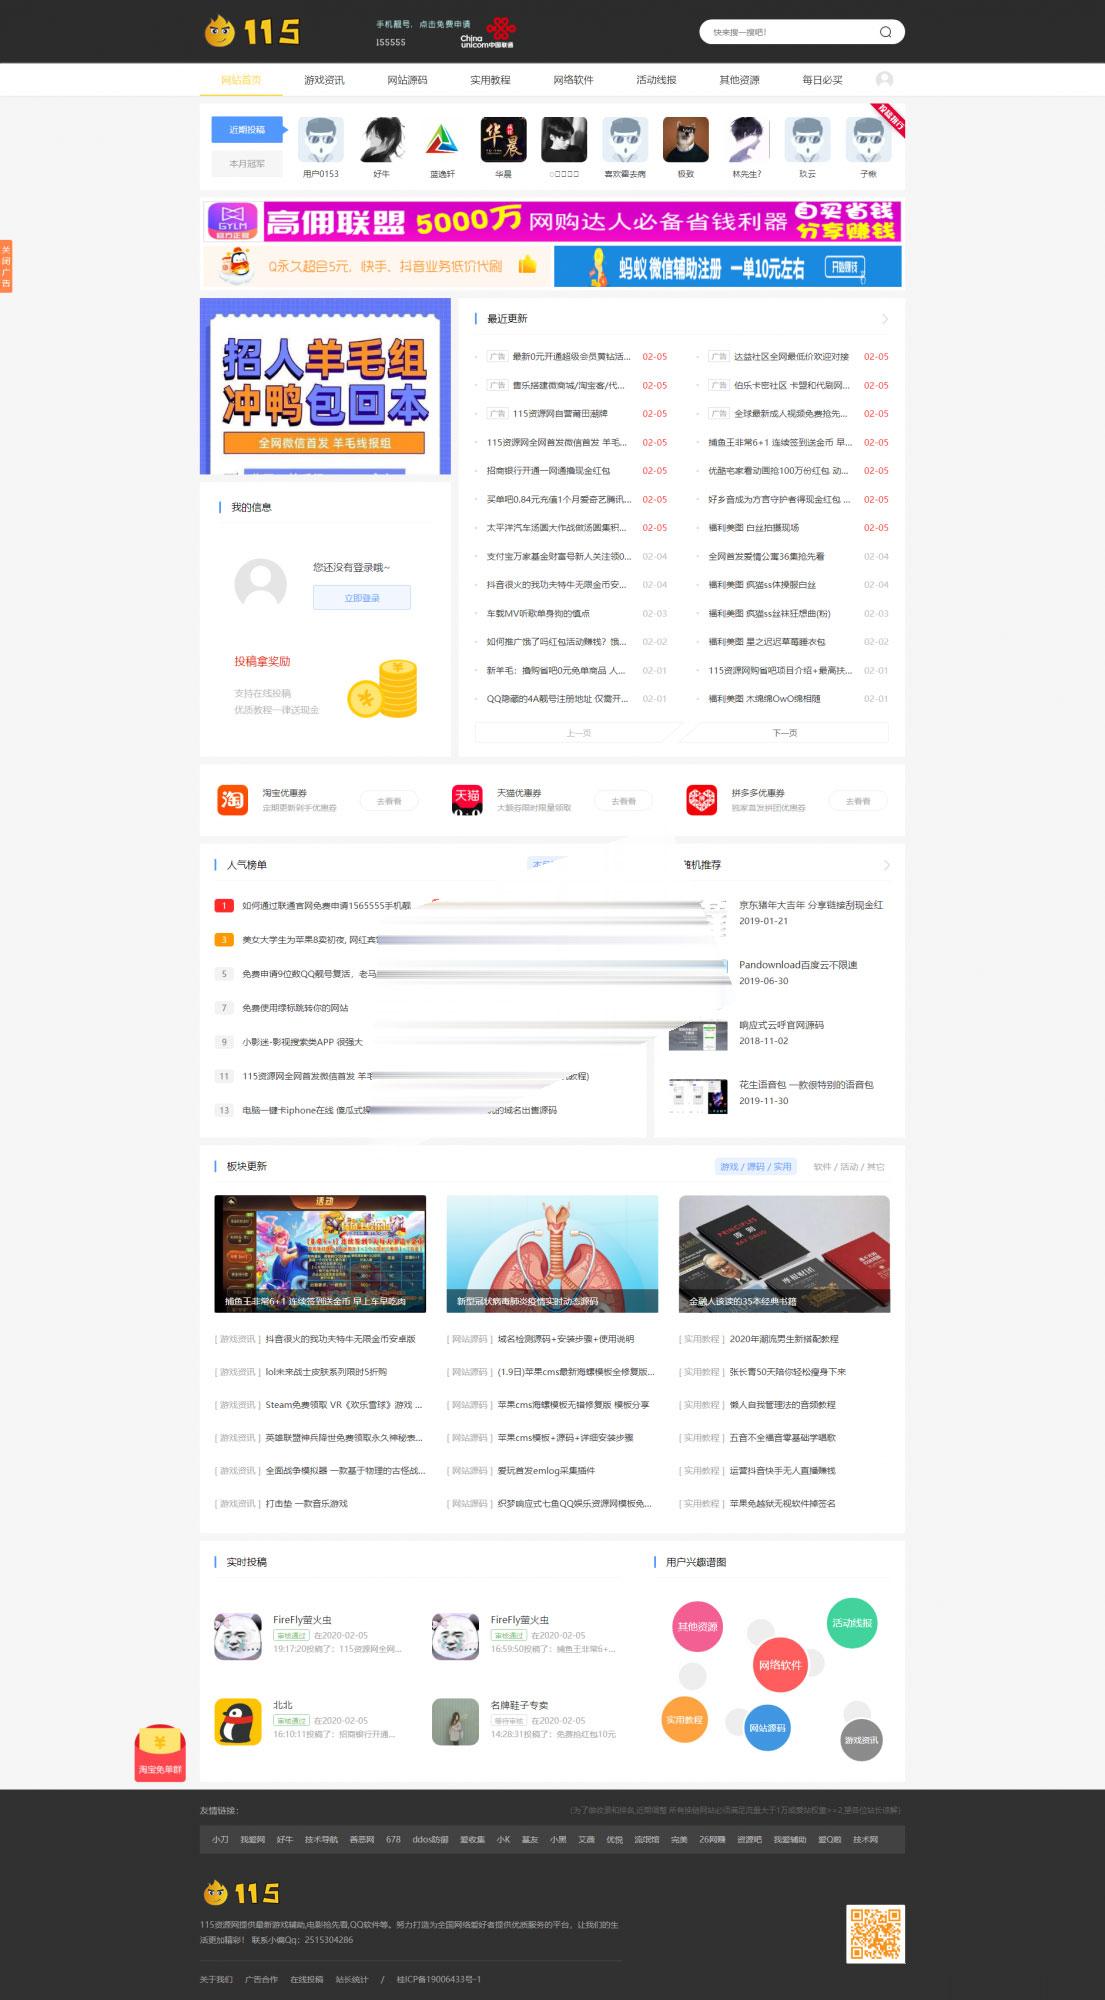 Emlog内核仿115信息资源网站模板娱乐资源教程网站模板